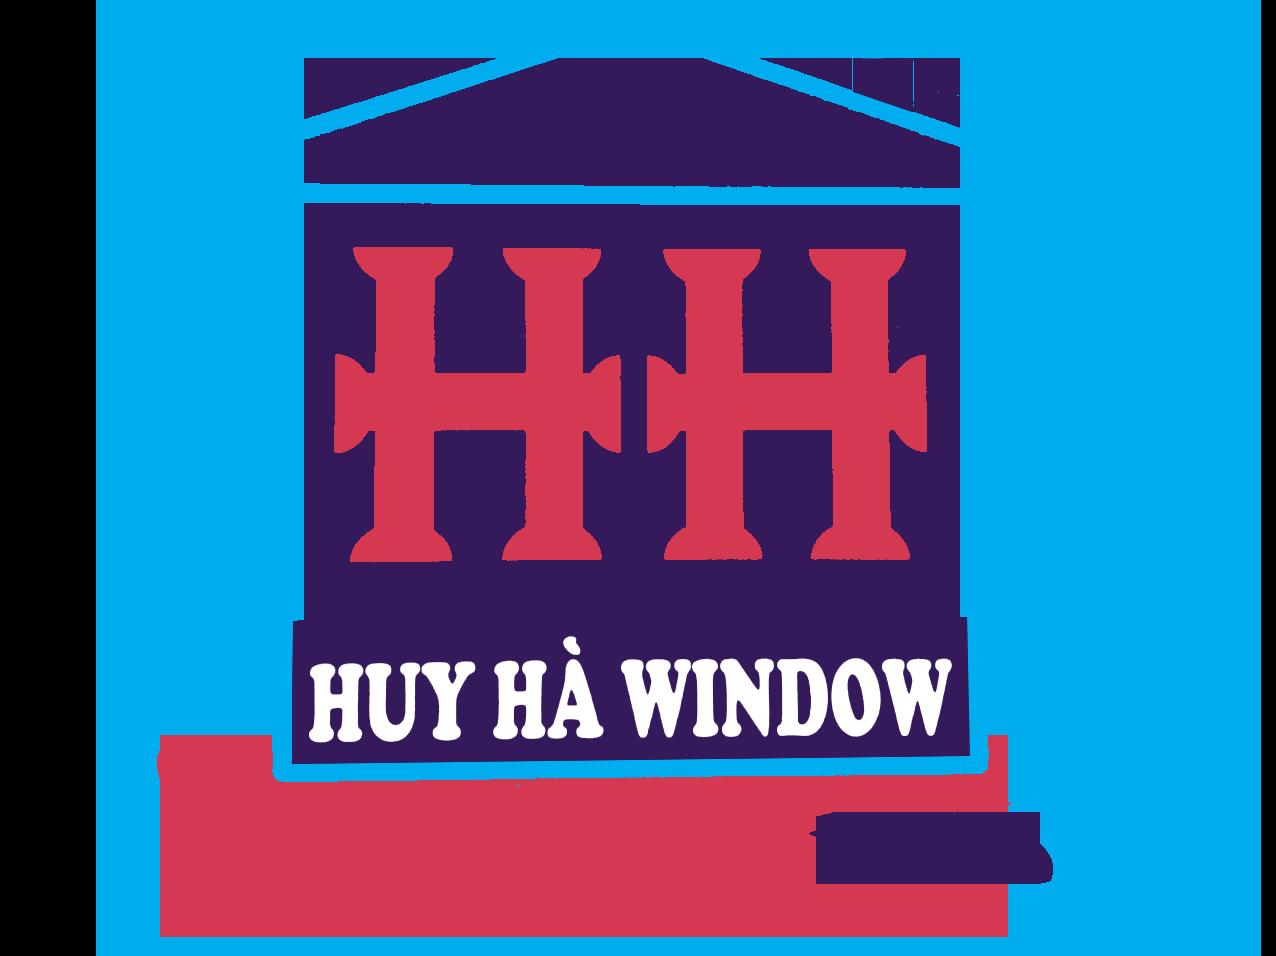 Huy Hà